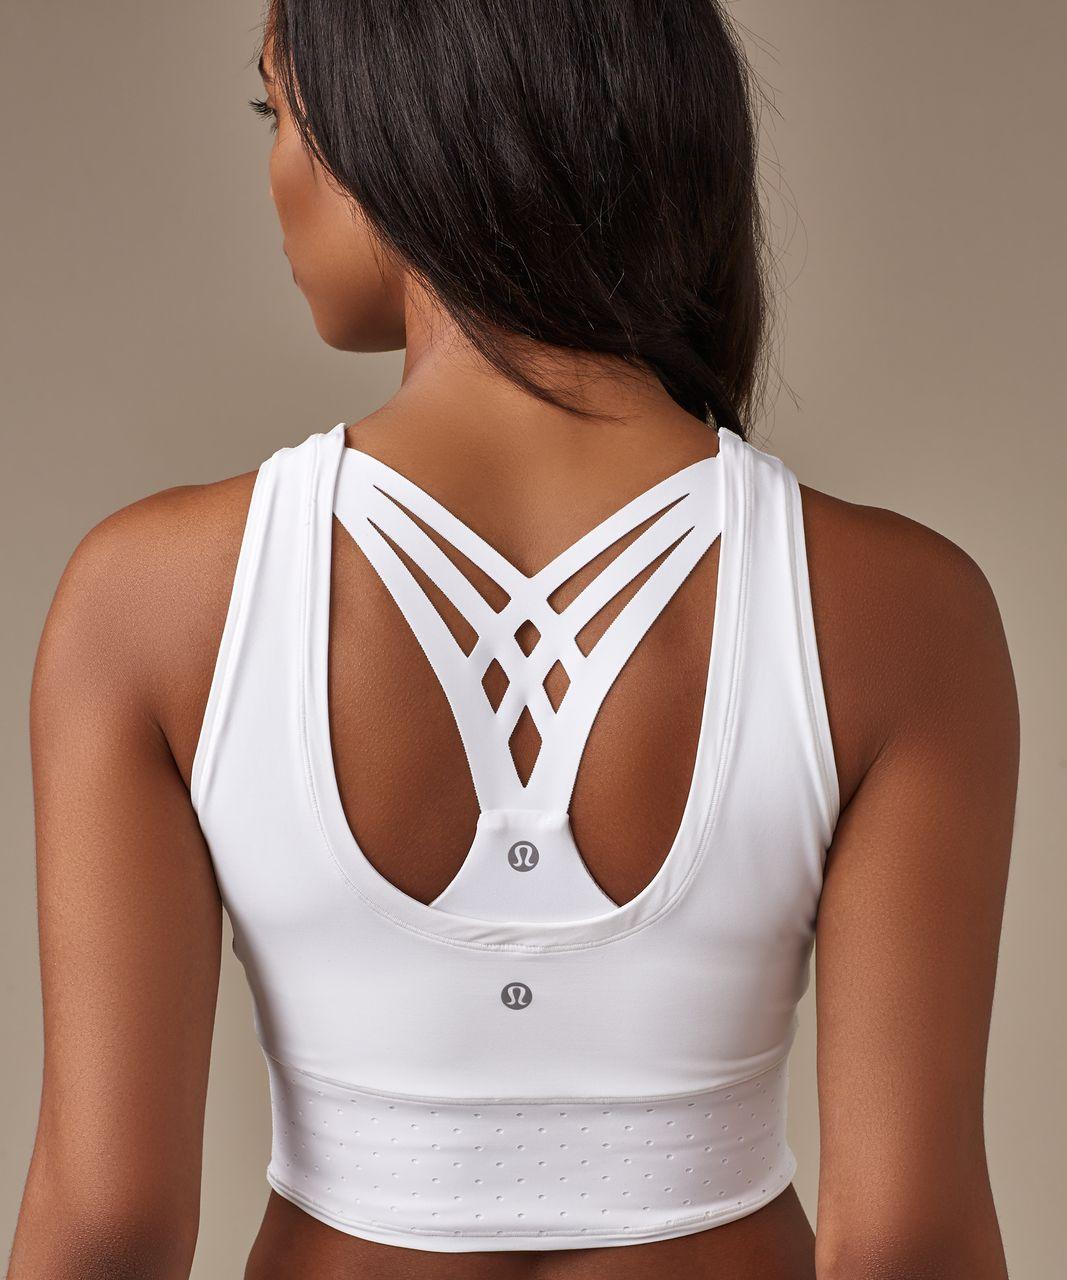 white sports bra crop top